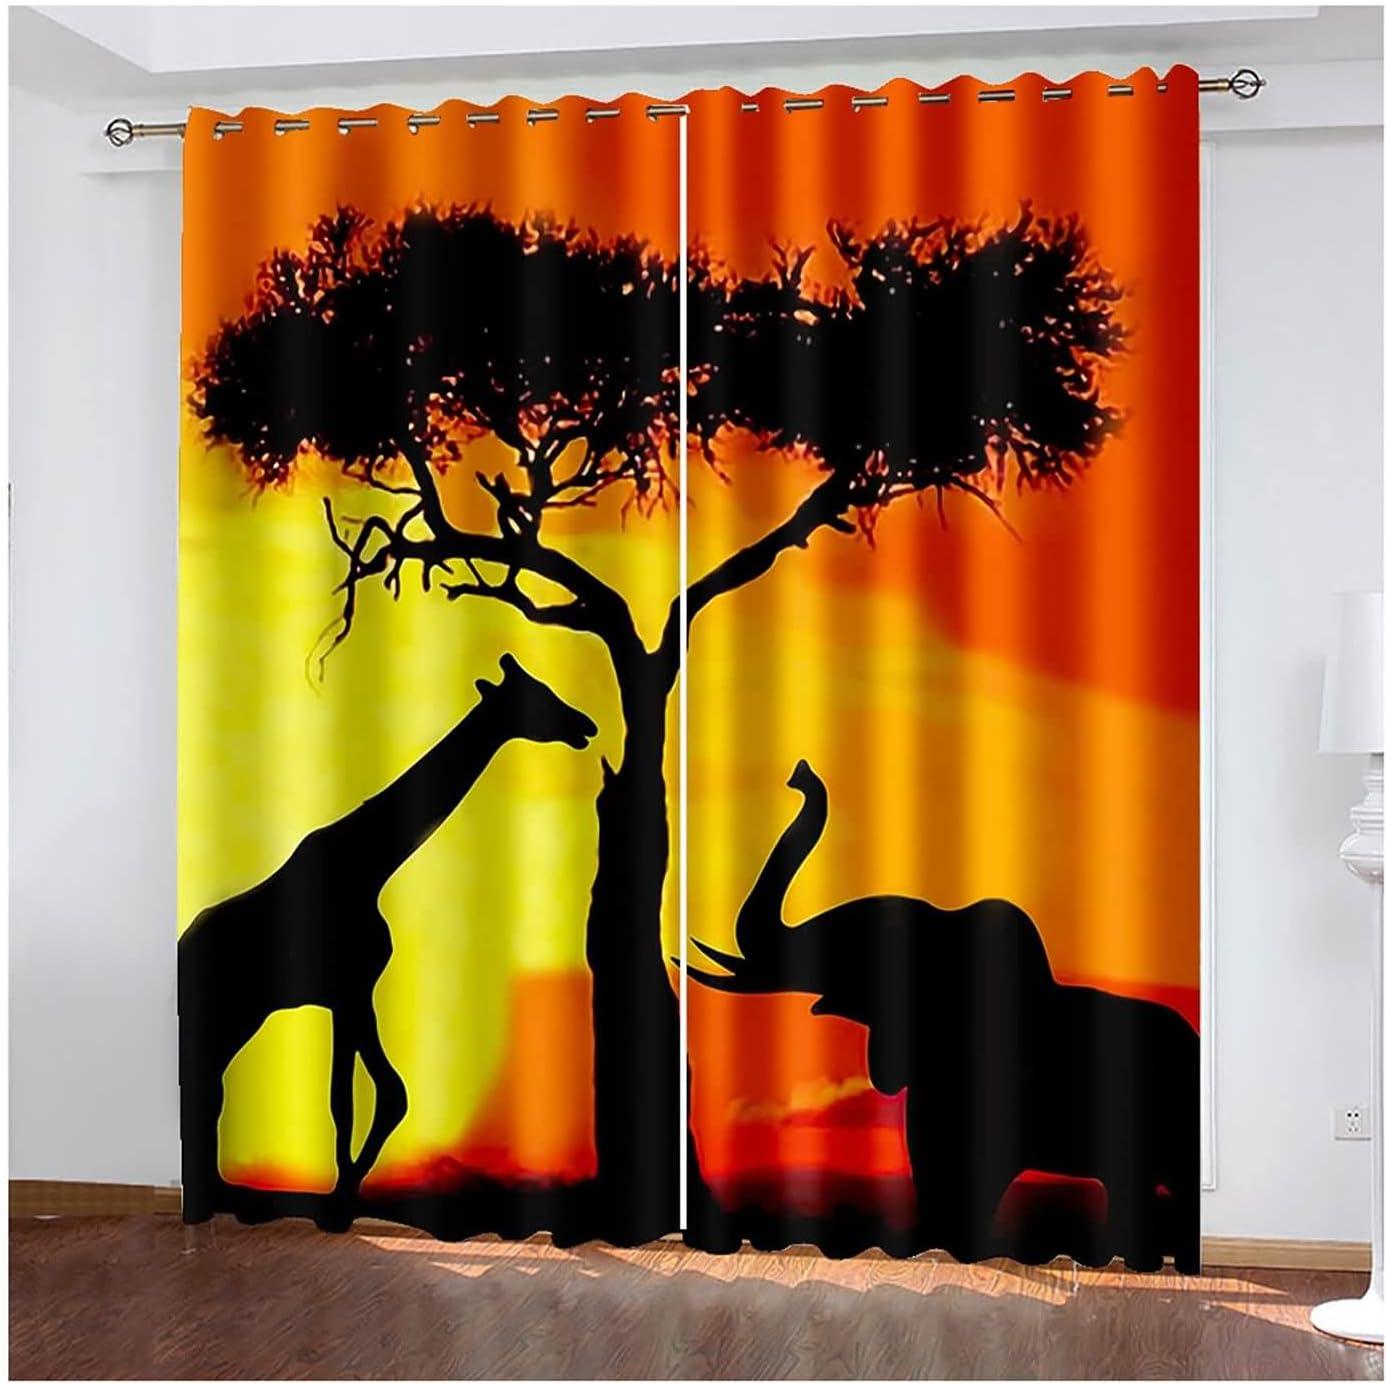 Daesar Blackout Curtains 2 Bedroom Giraf Panels Modern Sale item 70% OFF Outlet